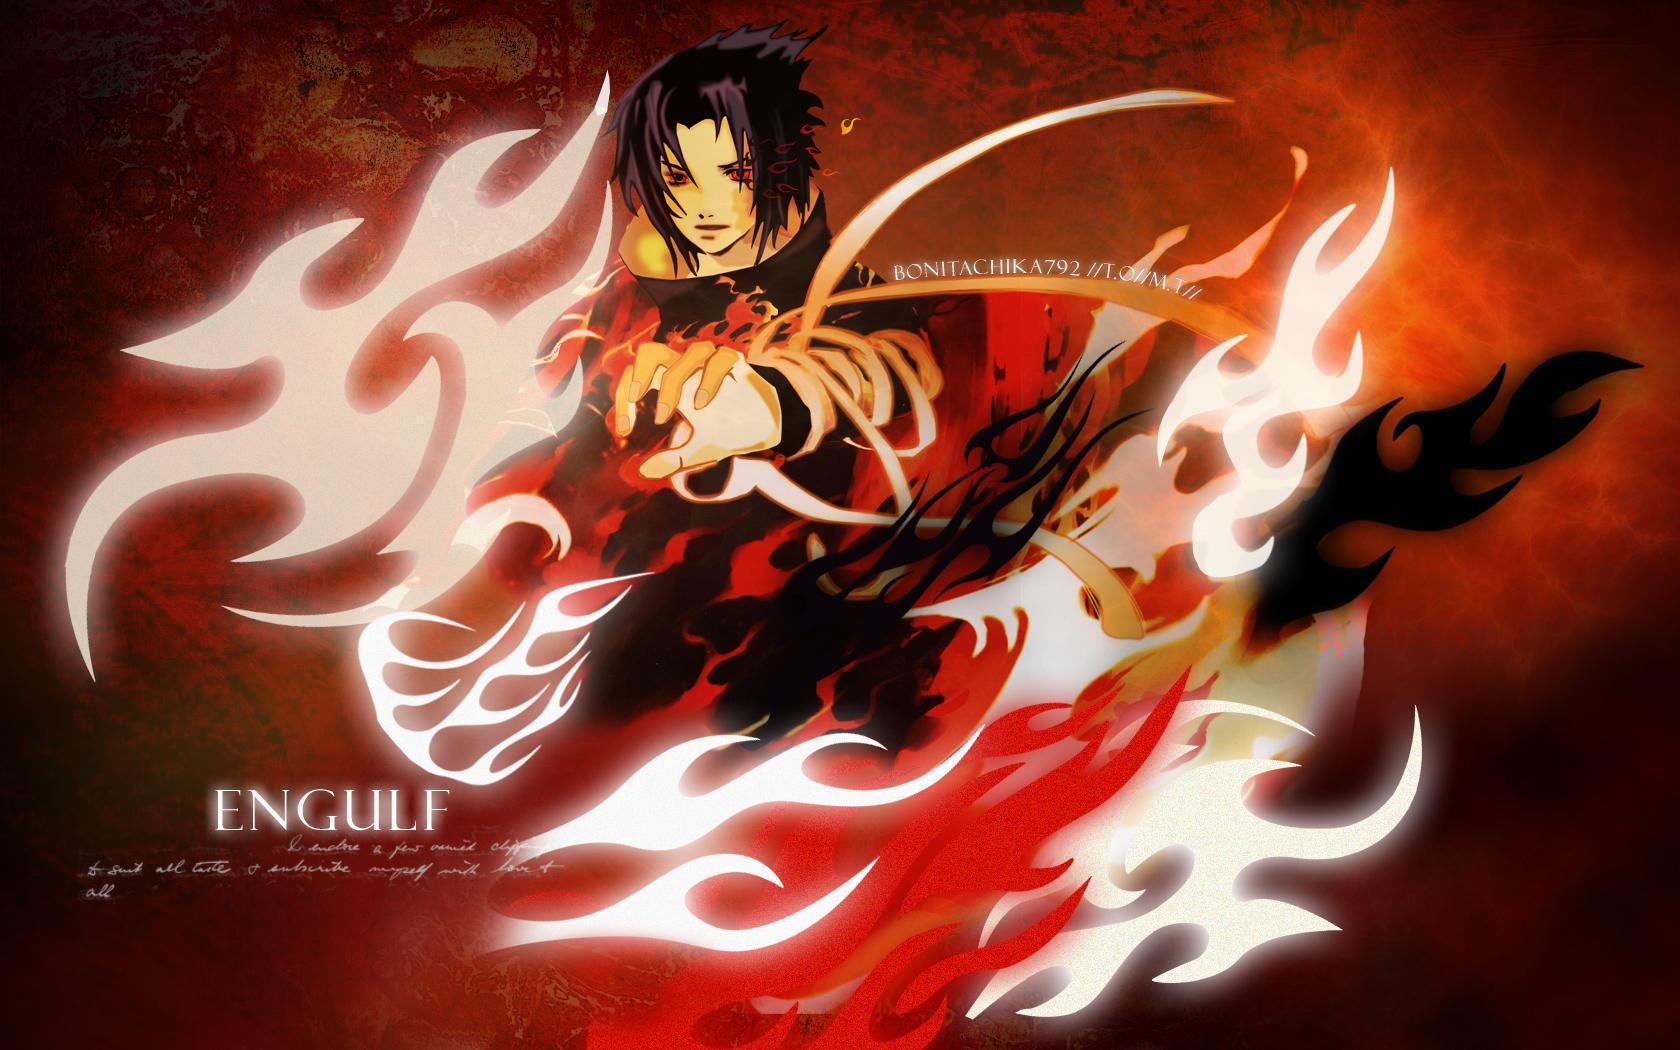 Kumpulan Gambar Naruto Hd Wallpaper Kampung Wallpaper